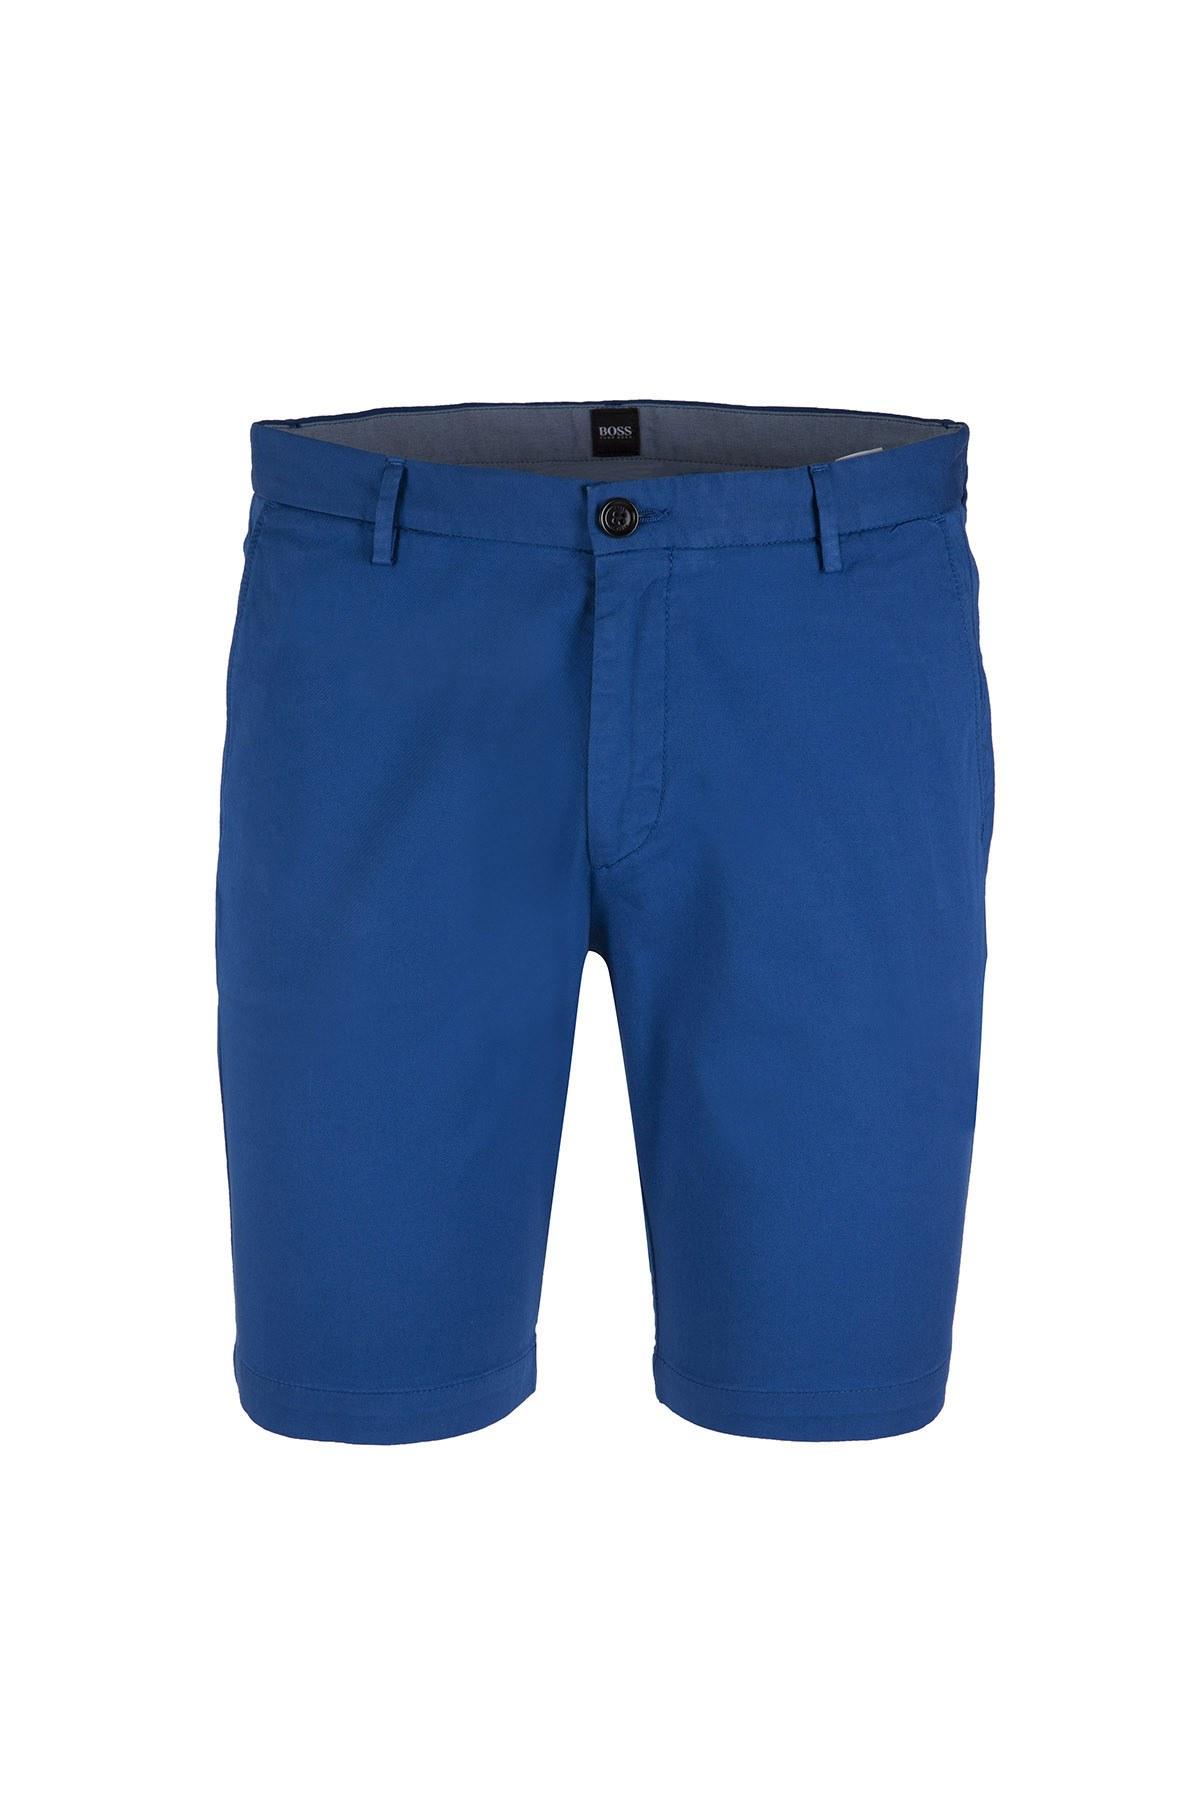 HUGO BOSS Erkek Short 50325938 429 SAKS